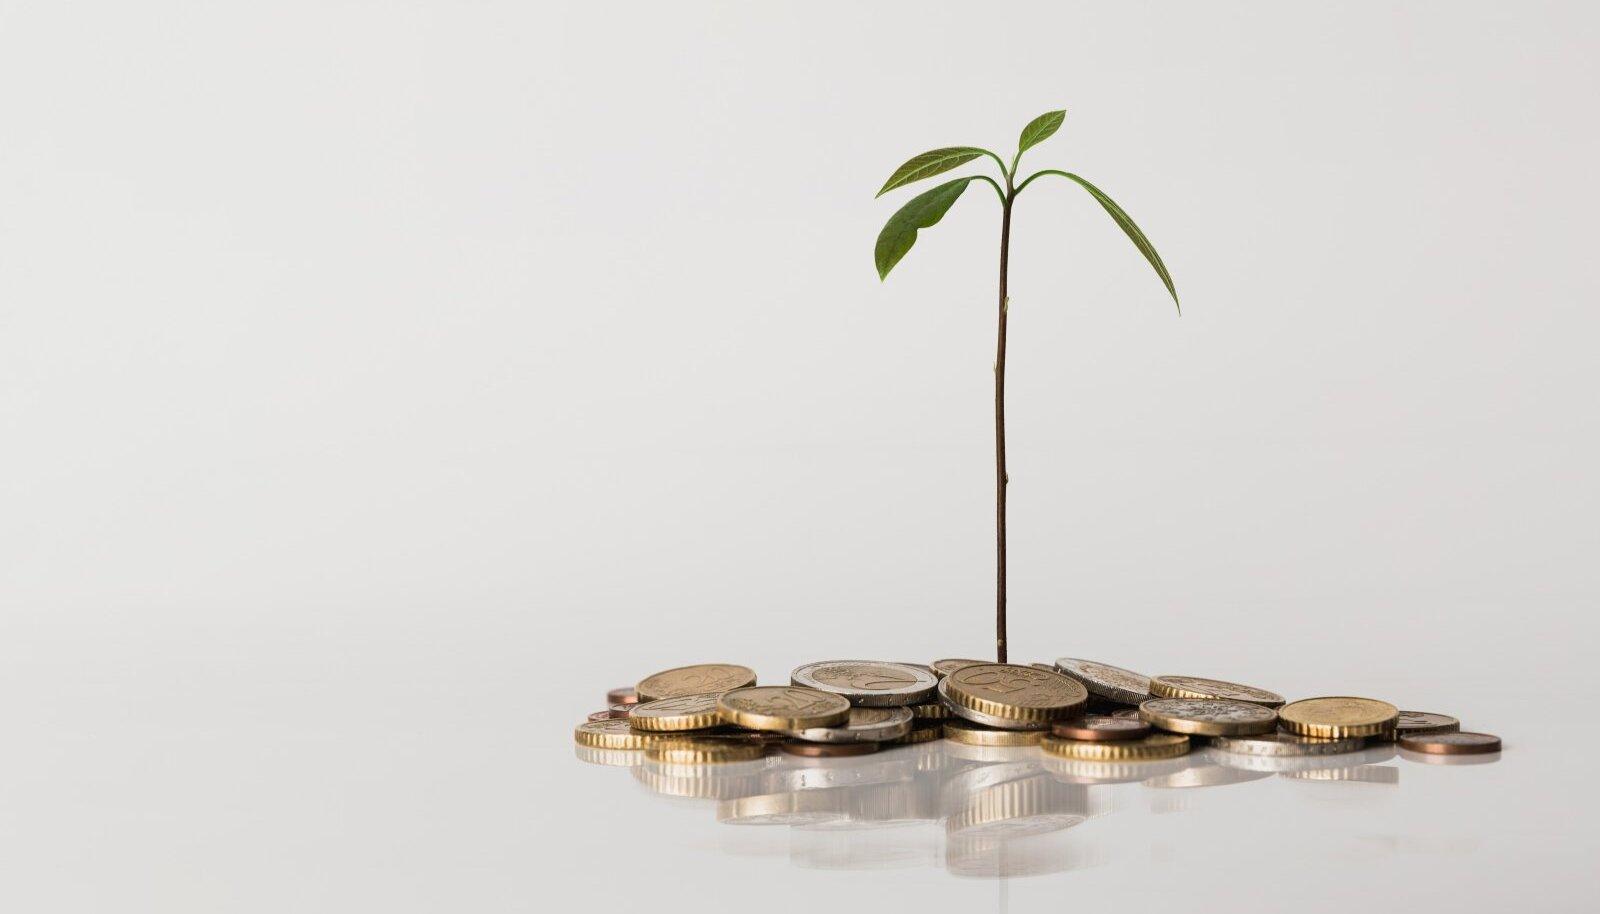 Igapäevased väikesed muudatused aitavad kokkuvõttes säästa märkimisväärse summa.